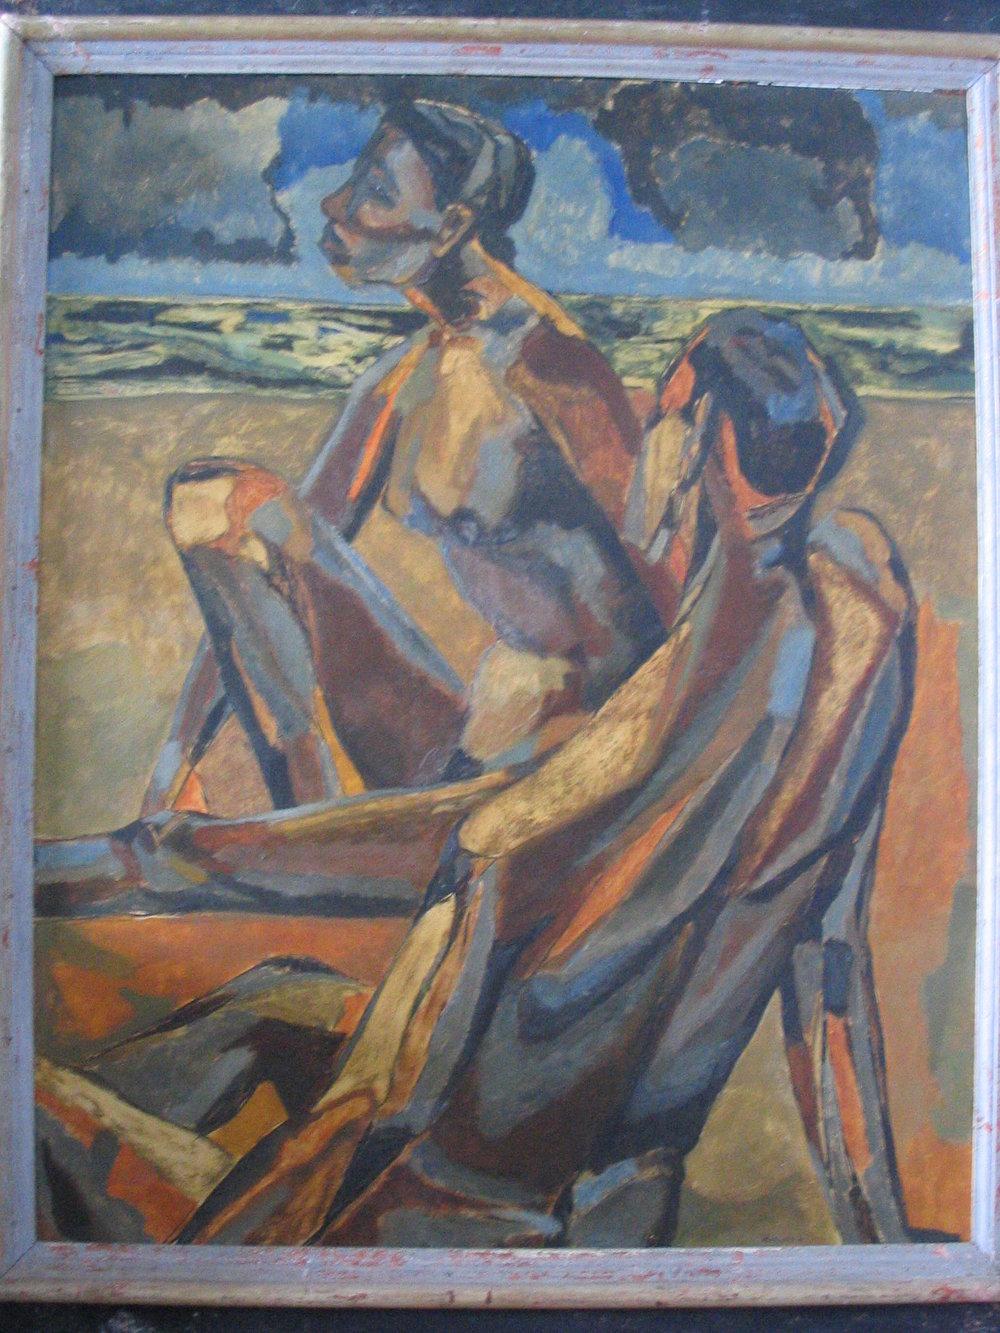 33. 1949, Two Nudes on a Beach (Melanctha), Oil on Canvas, 30 x 24.jpg